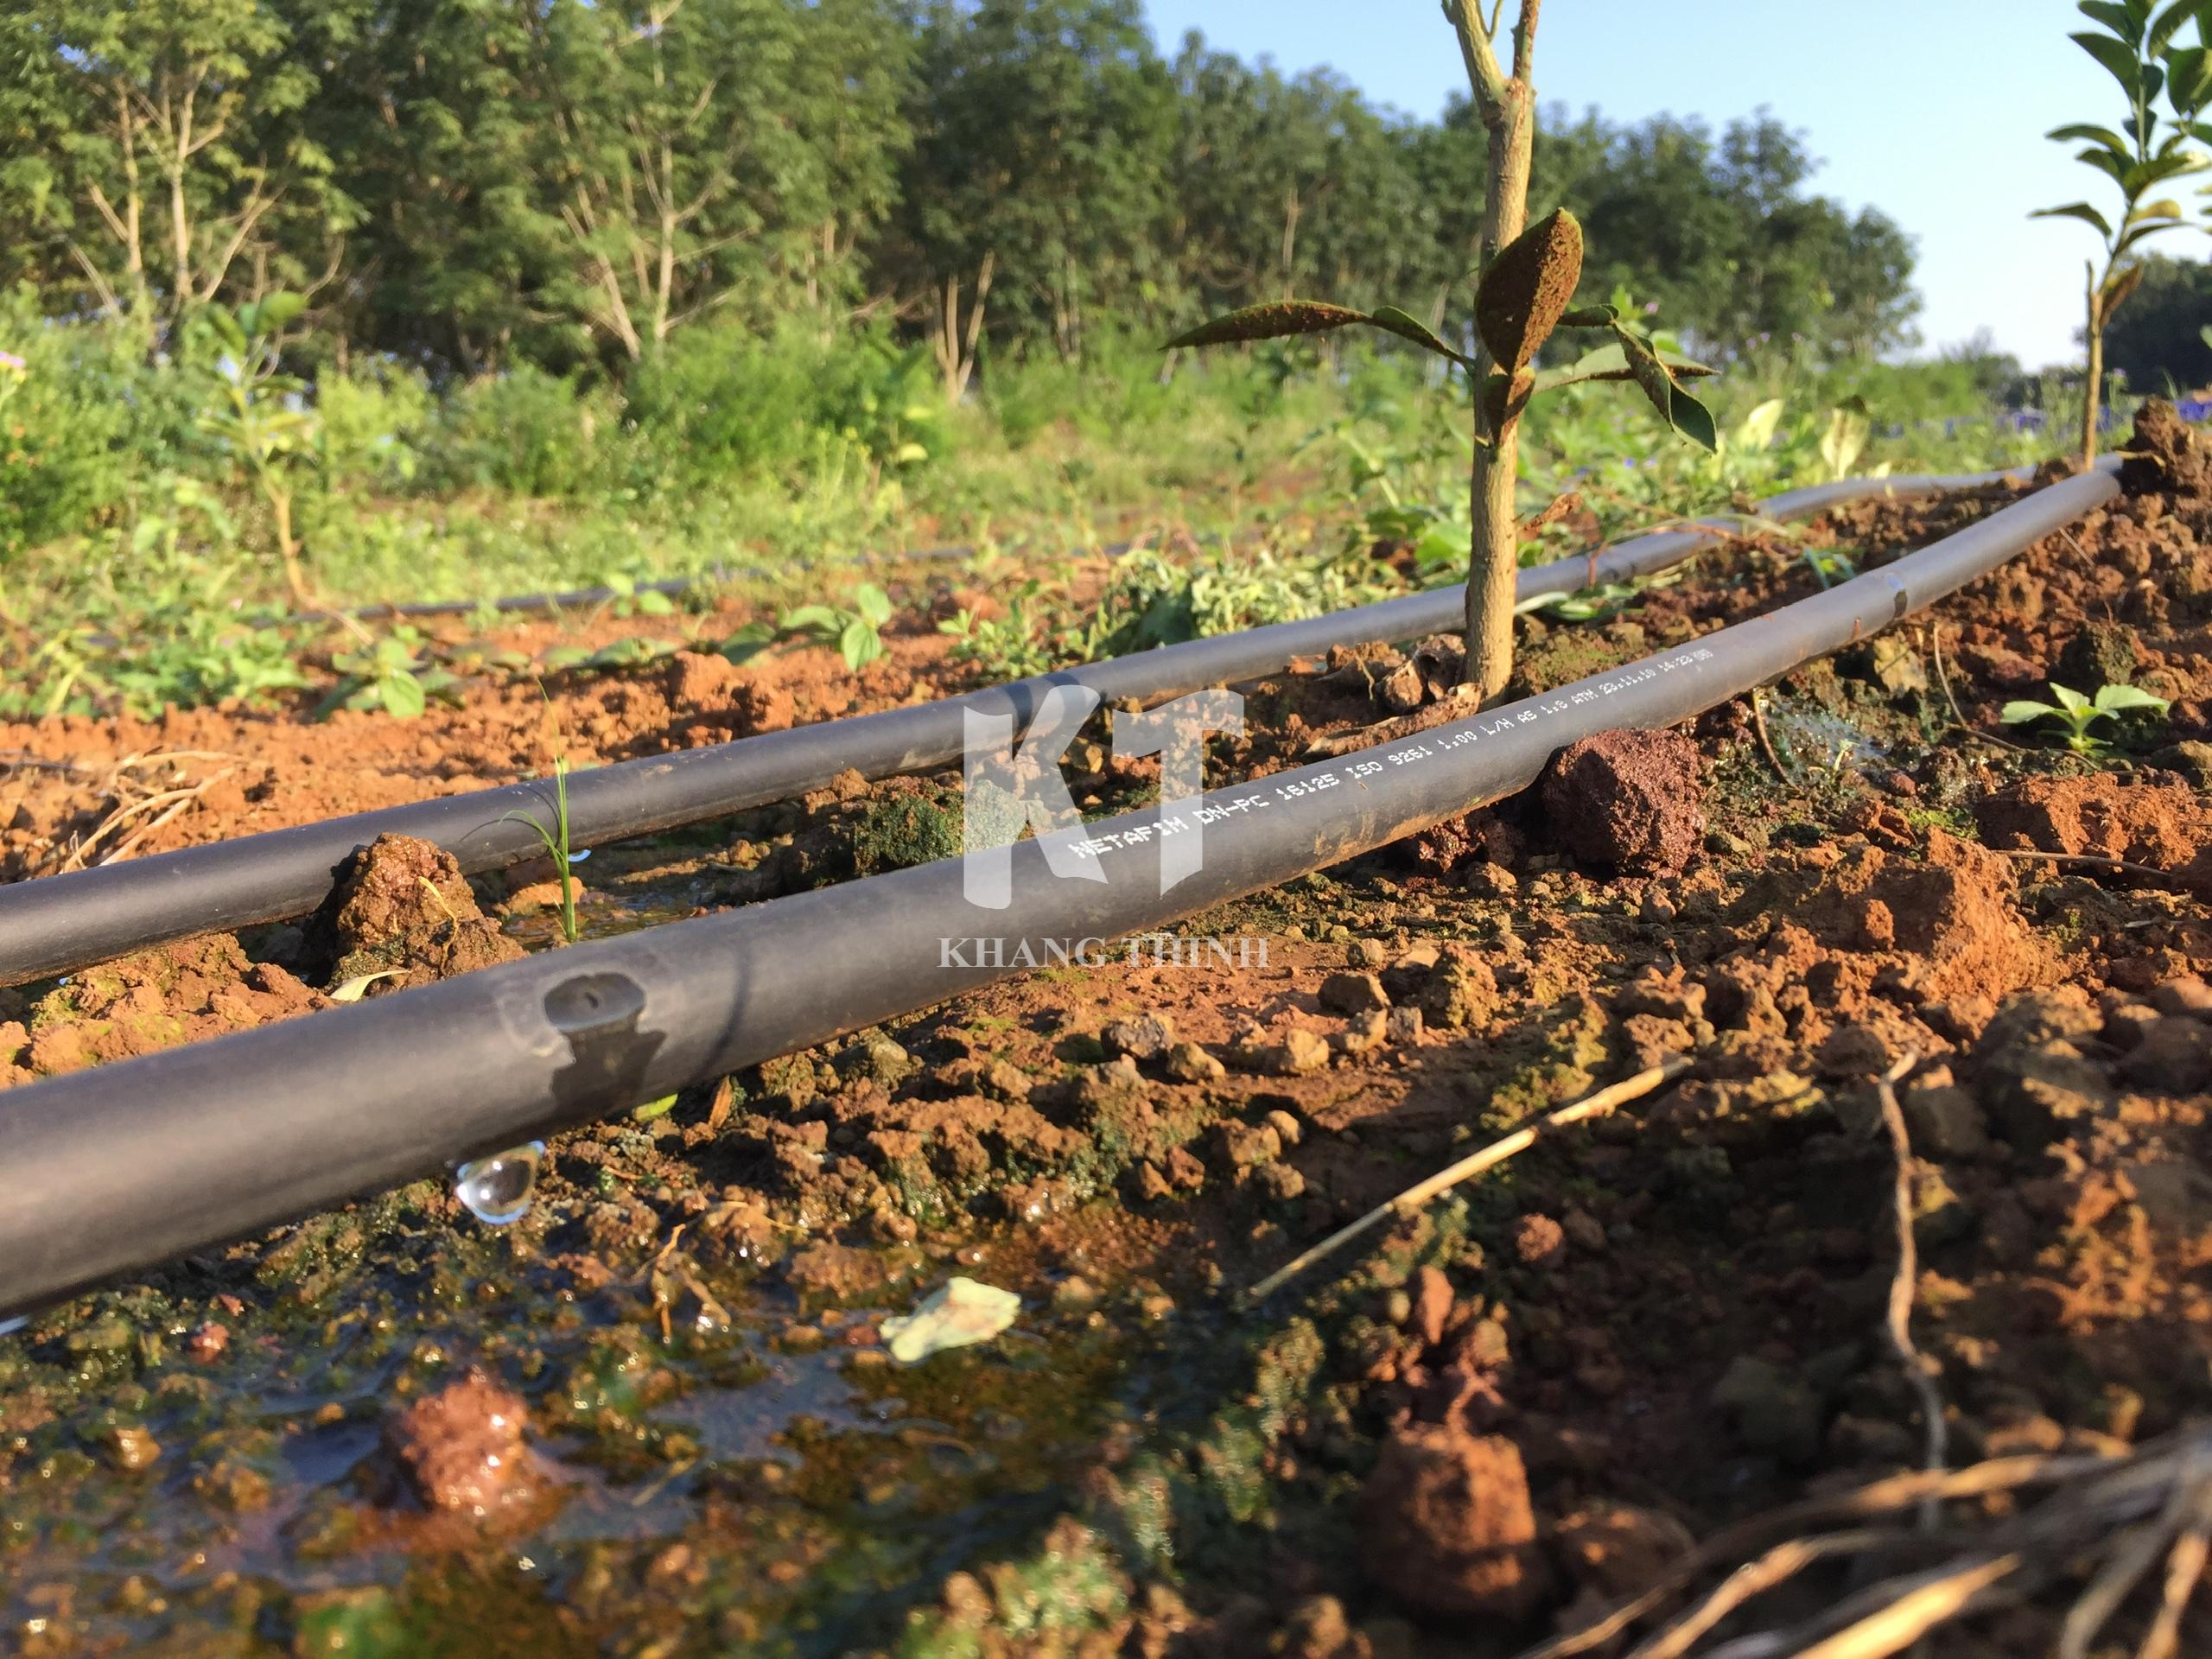 Hệ thống tưới nhỏ giọt cho cây Cam trồng mới - Nghệ An